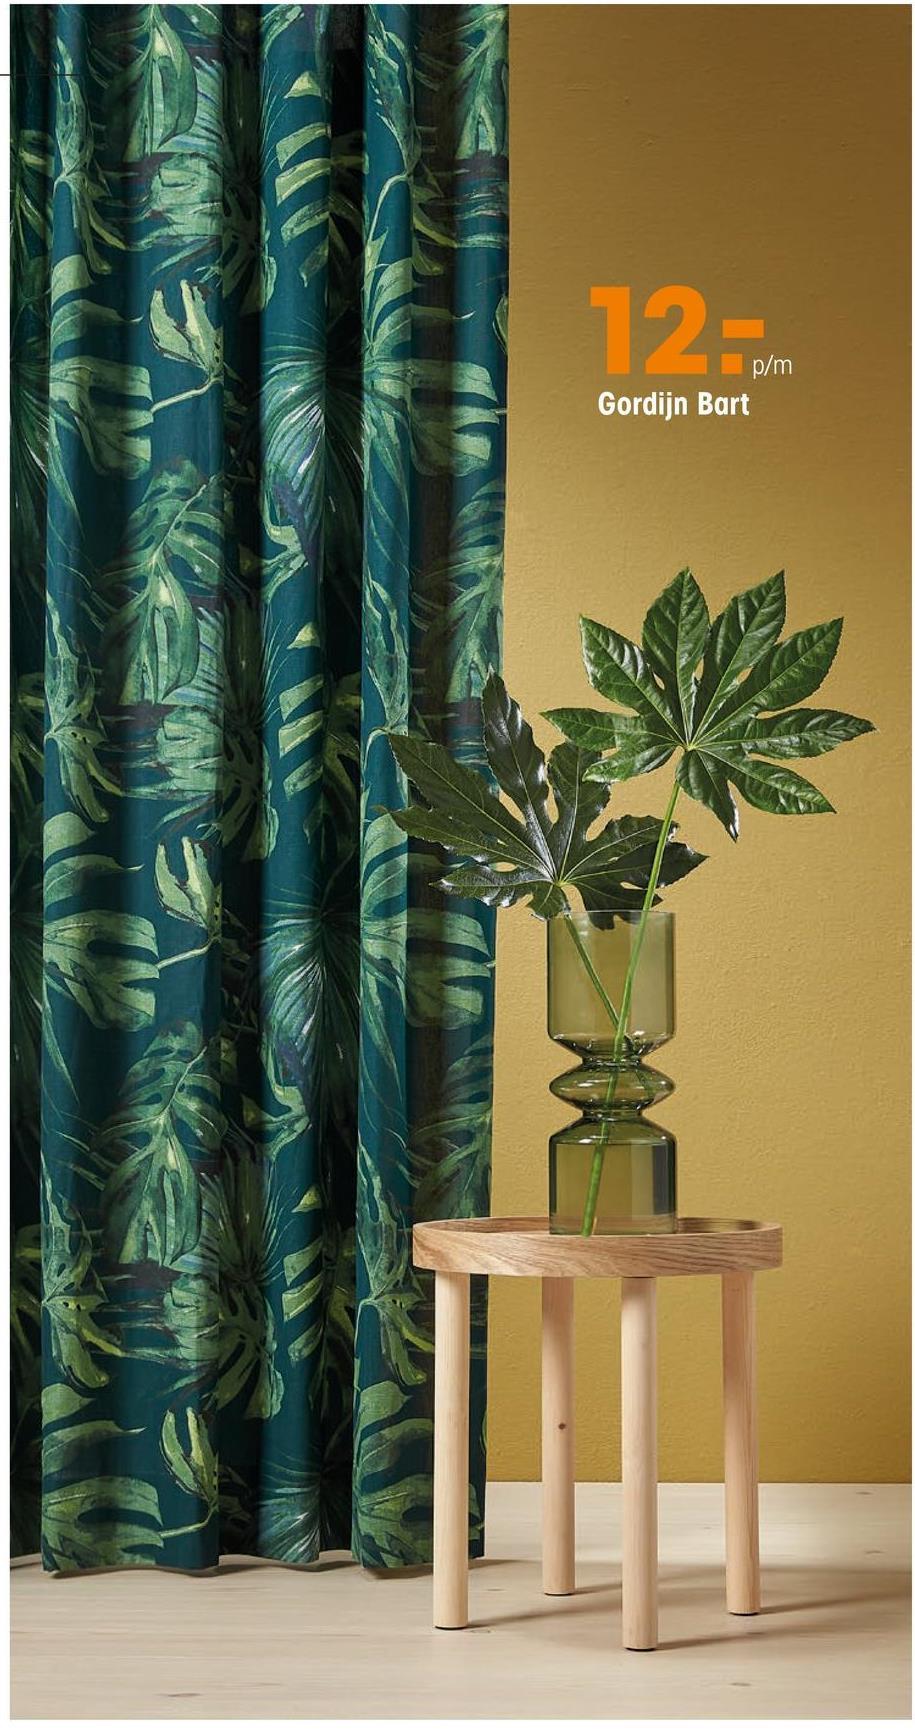 Gordijn Bart Donkergroen Soepelvallende gordijnstof met botanische print. Luchtig en stevig. 150 cm breed.